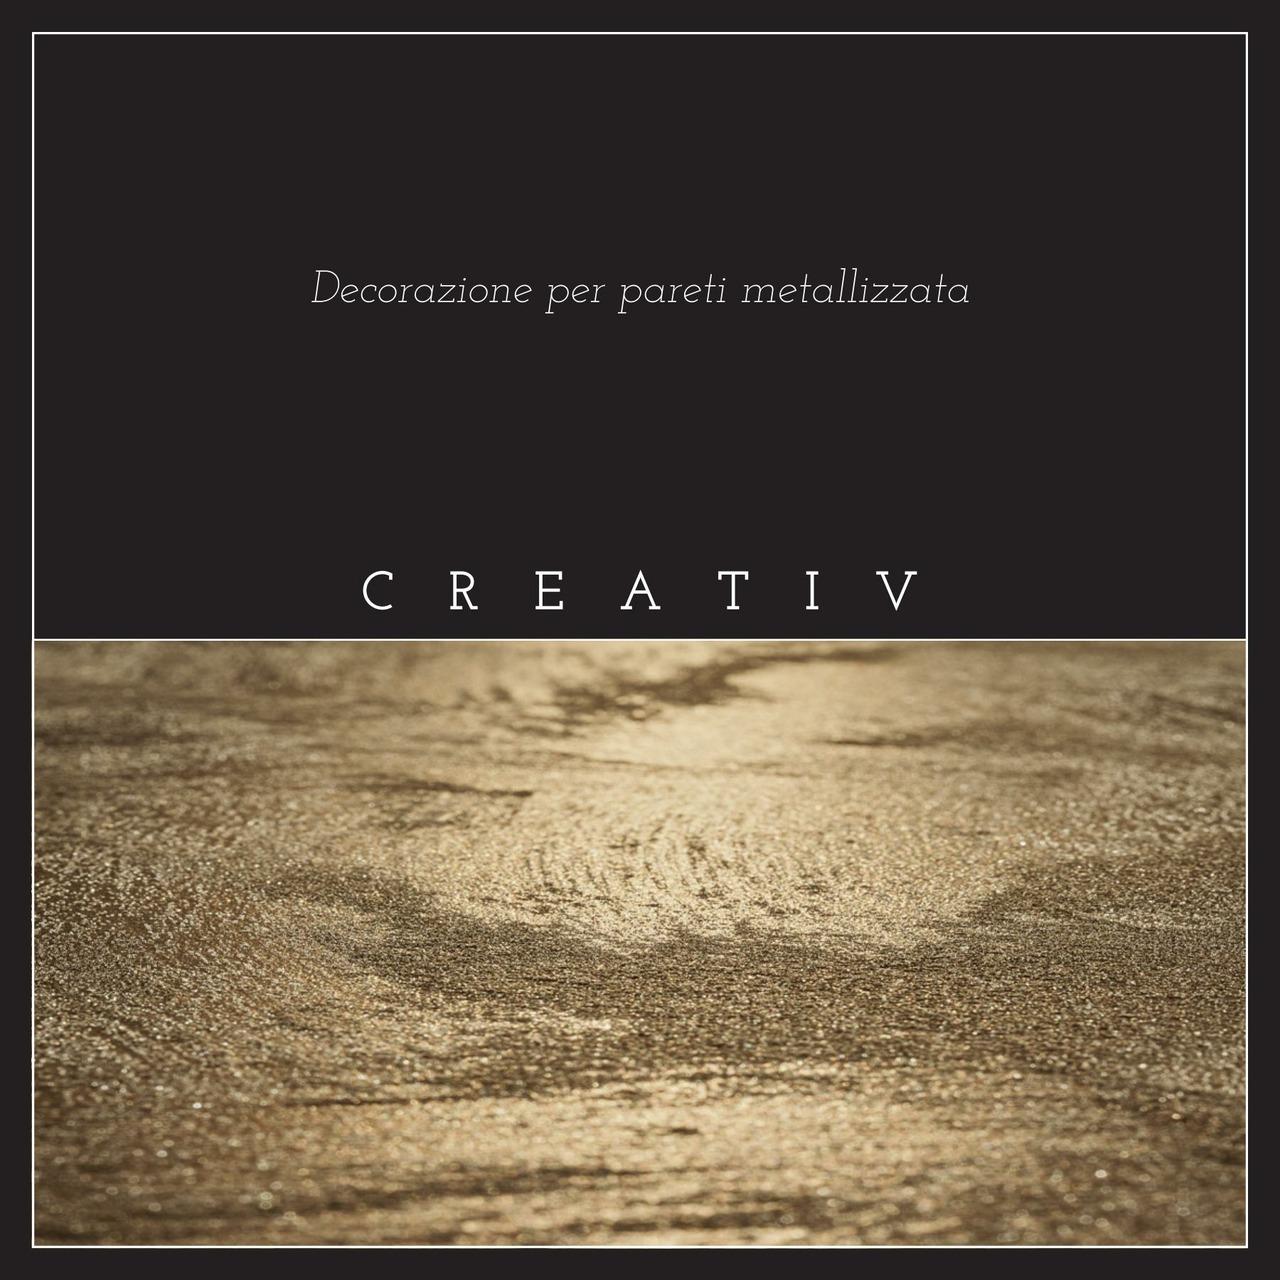 L'opuscolo speciale Creativ presenta con parole e immagini la decorazione metallizzata per pareti.